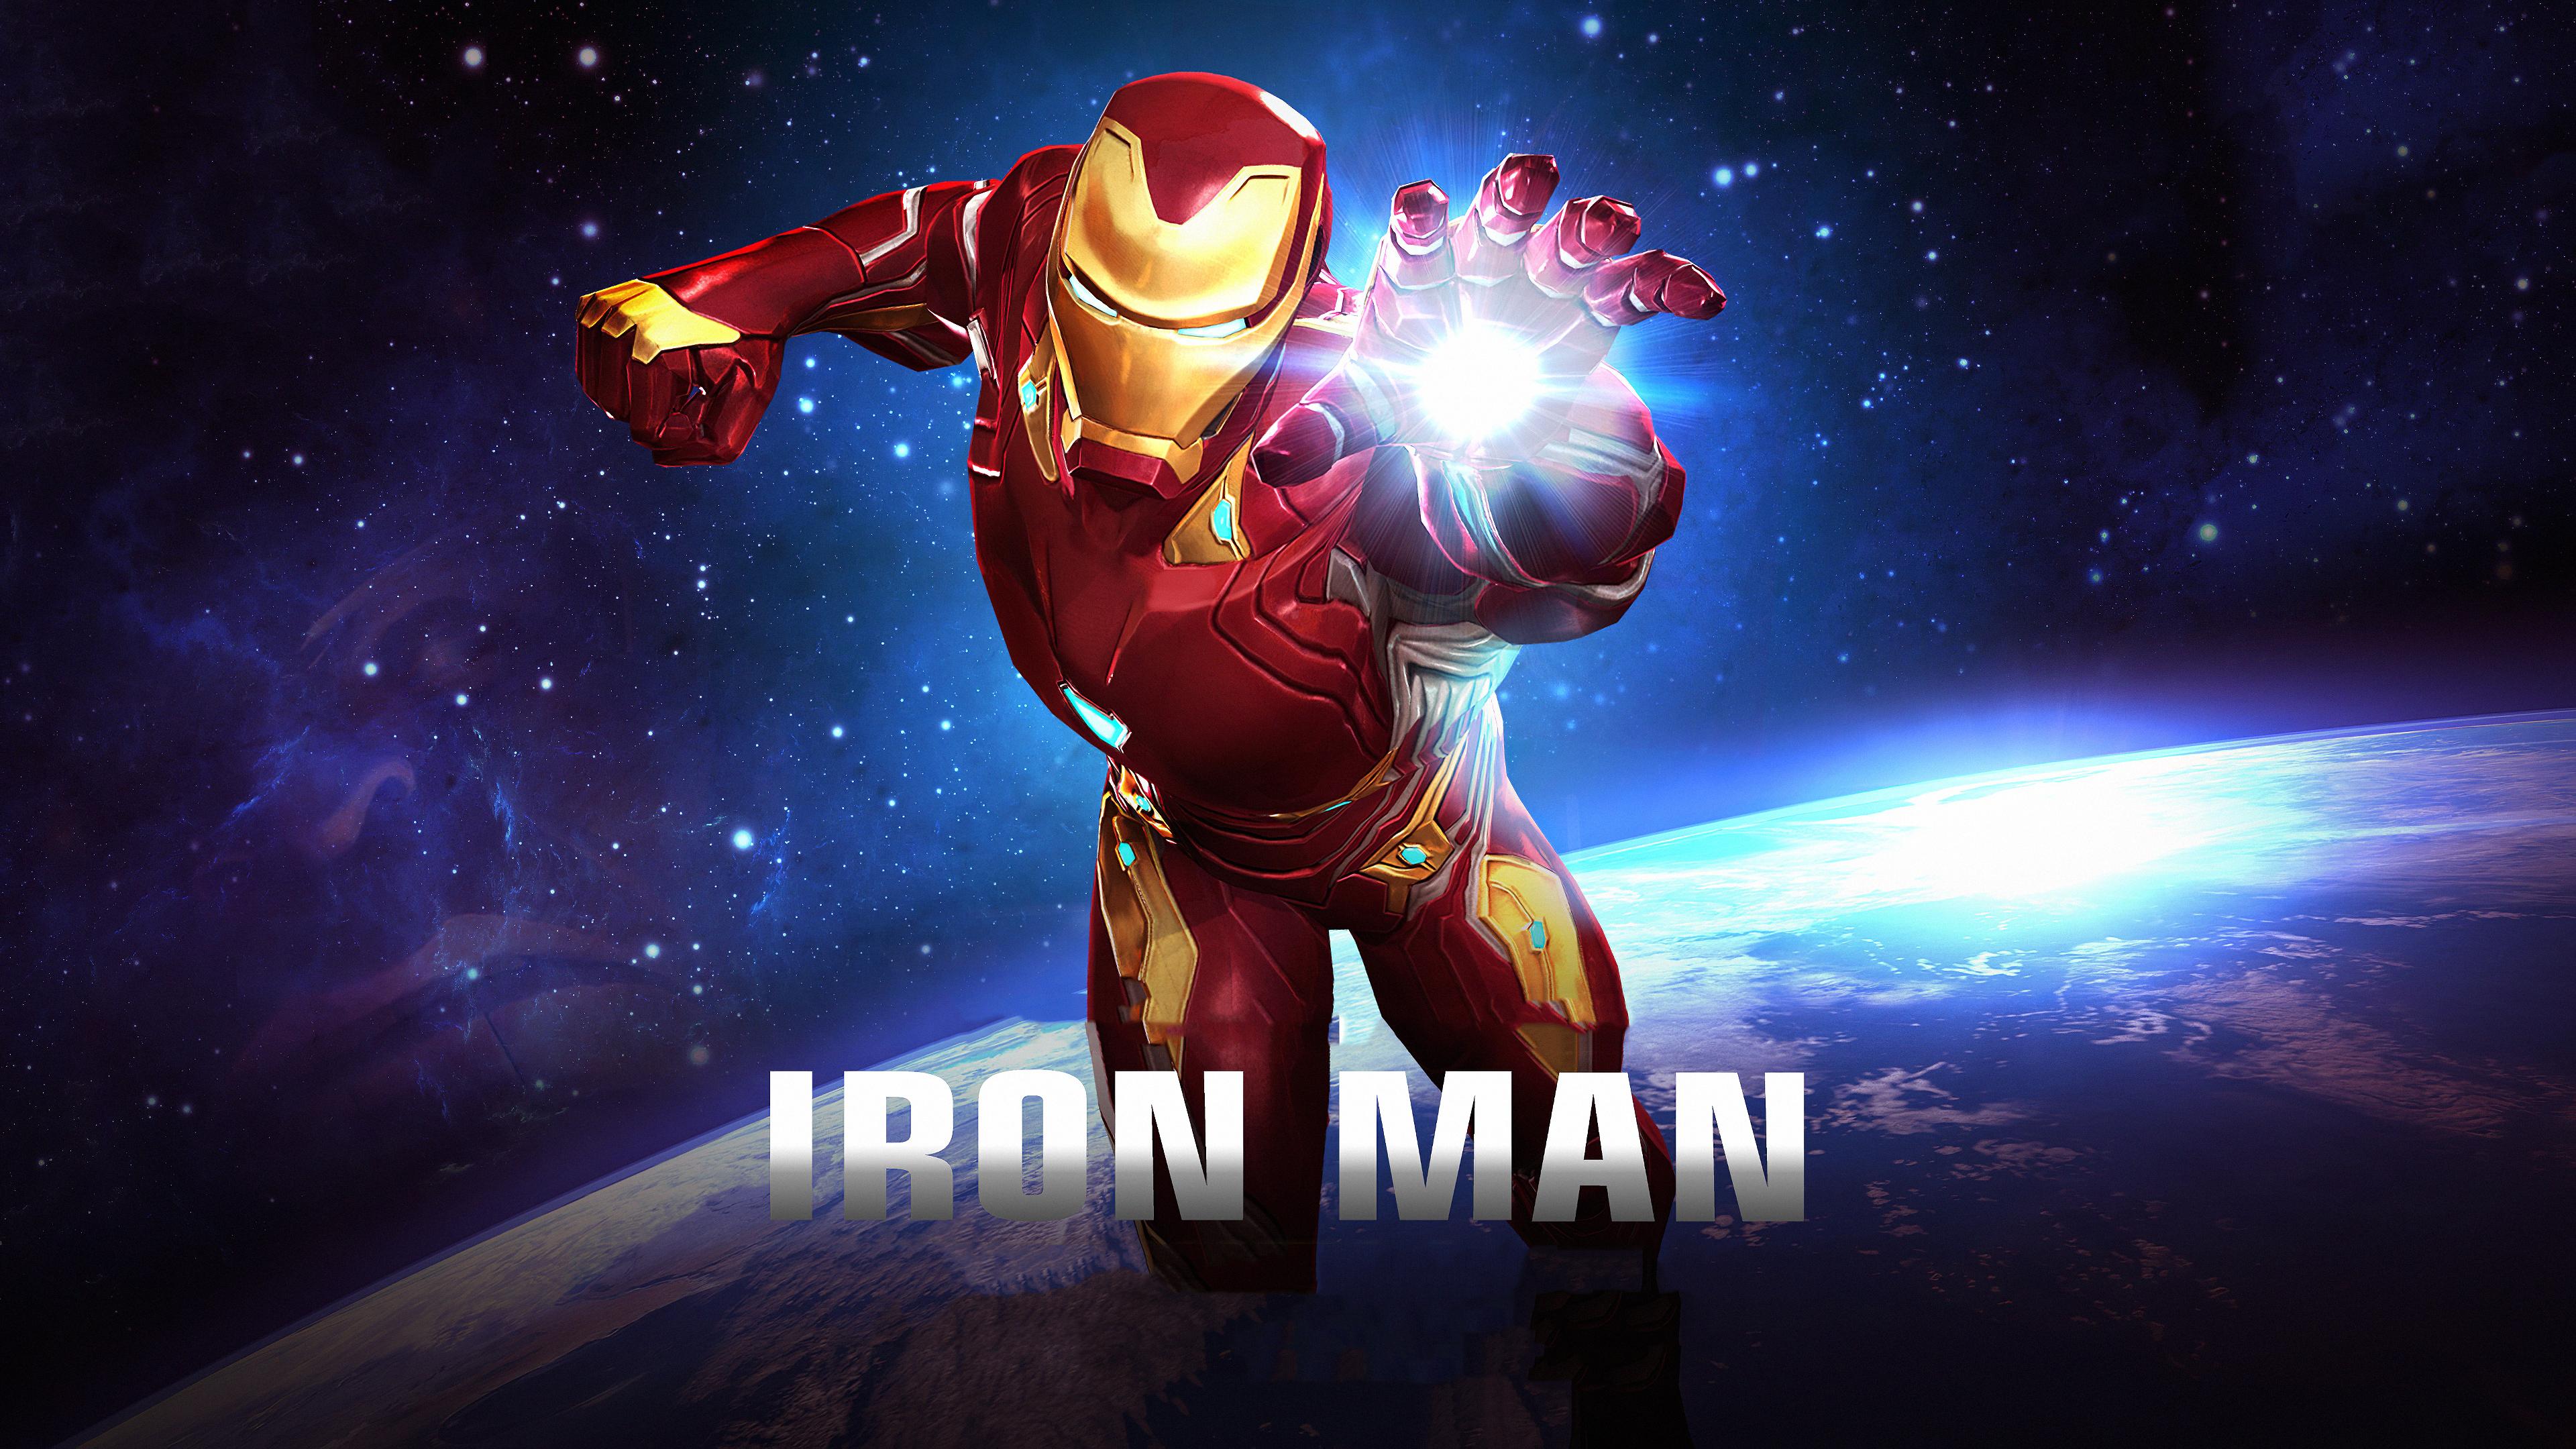 iron man basic art 1576098011 - Iron Man Basic Art - iron man wallpaper phone hd 4k, iron man wallpaper 4k, iron man 4k hd wallpaper